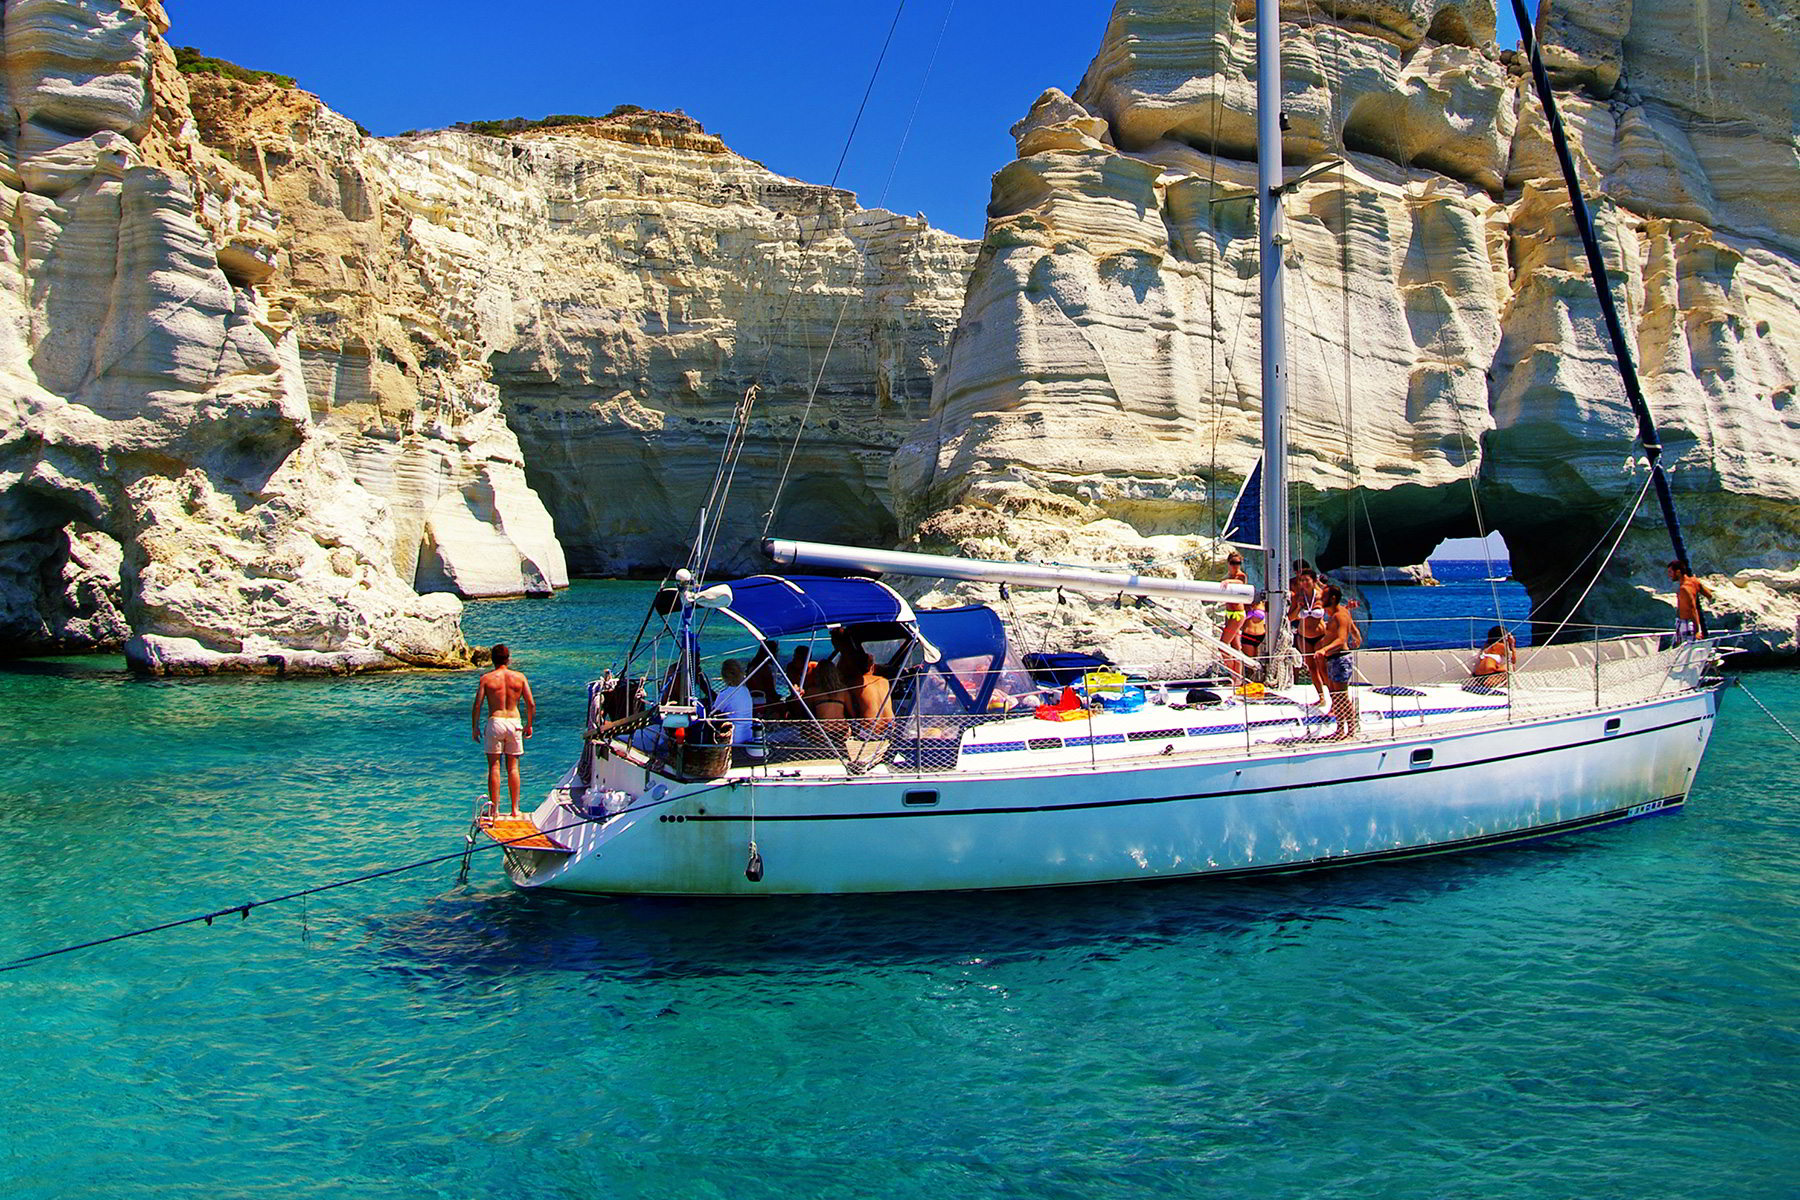 Милос - отдых и пляжи греческого острова